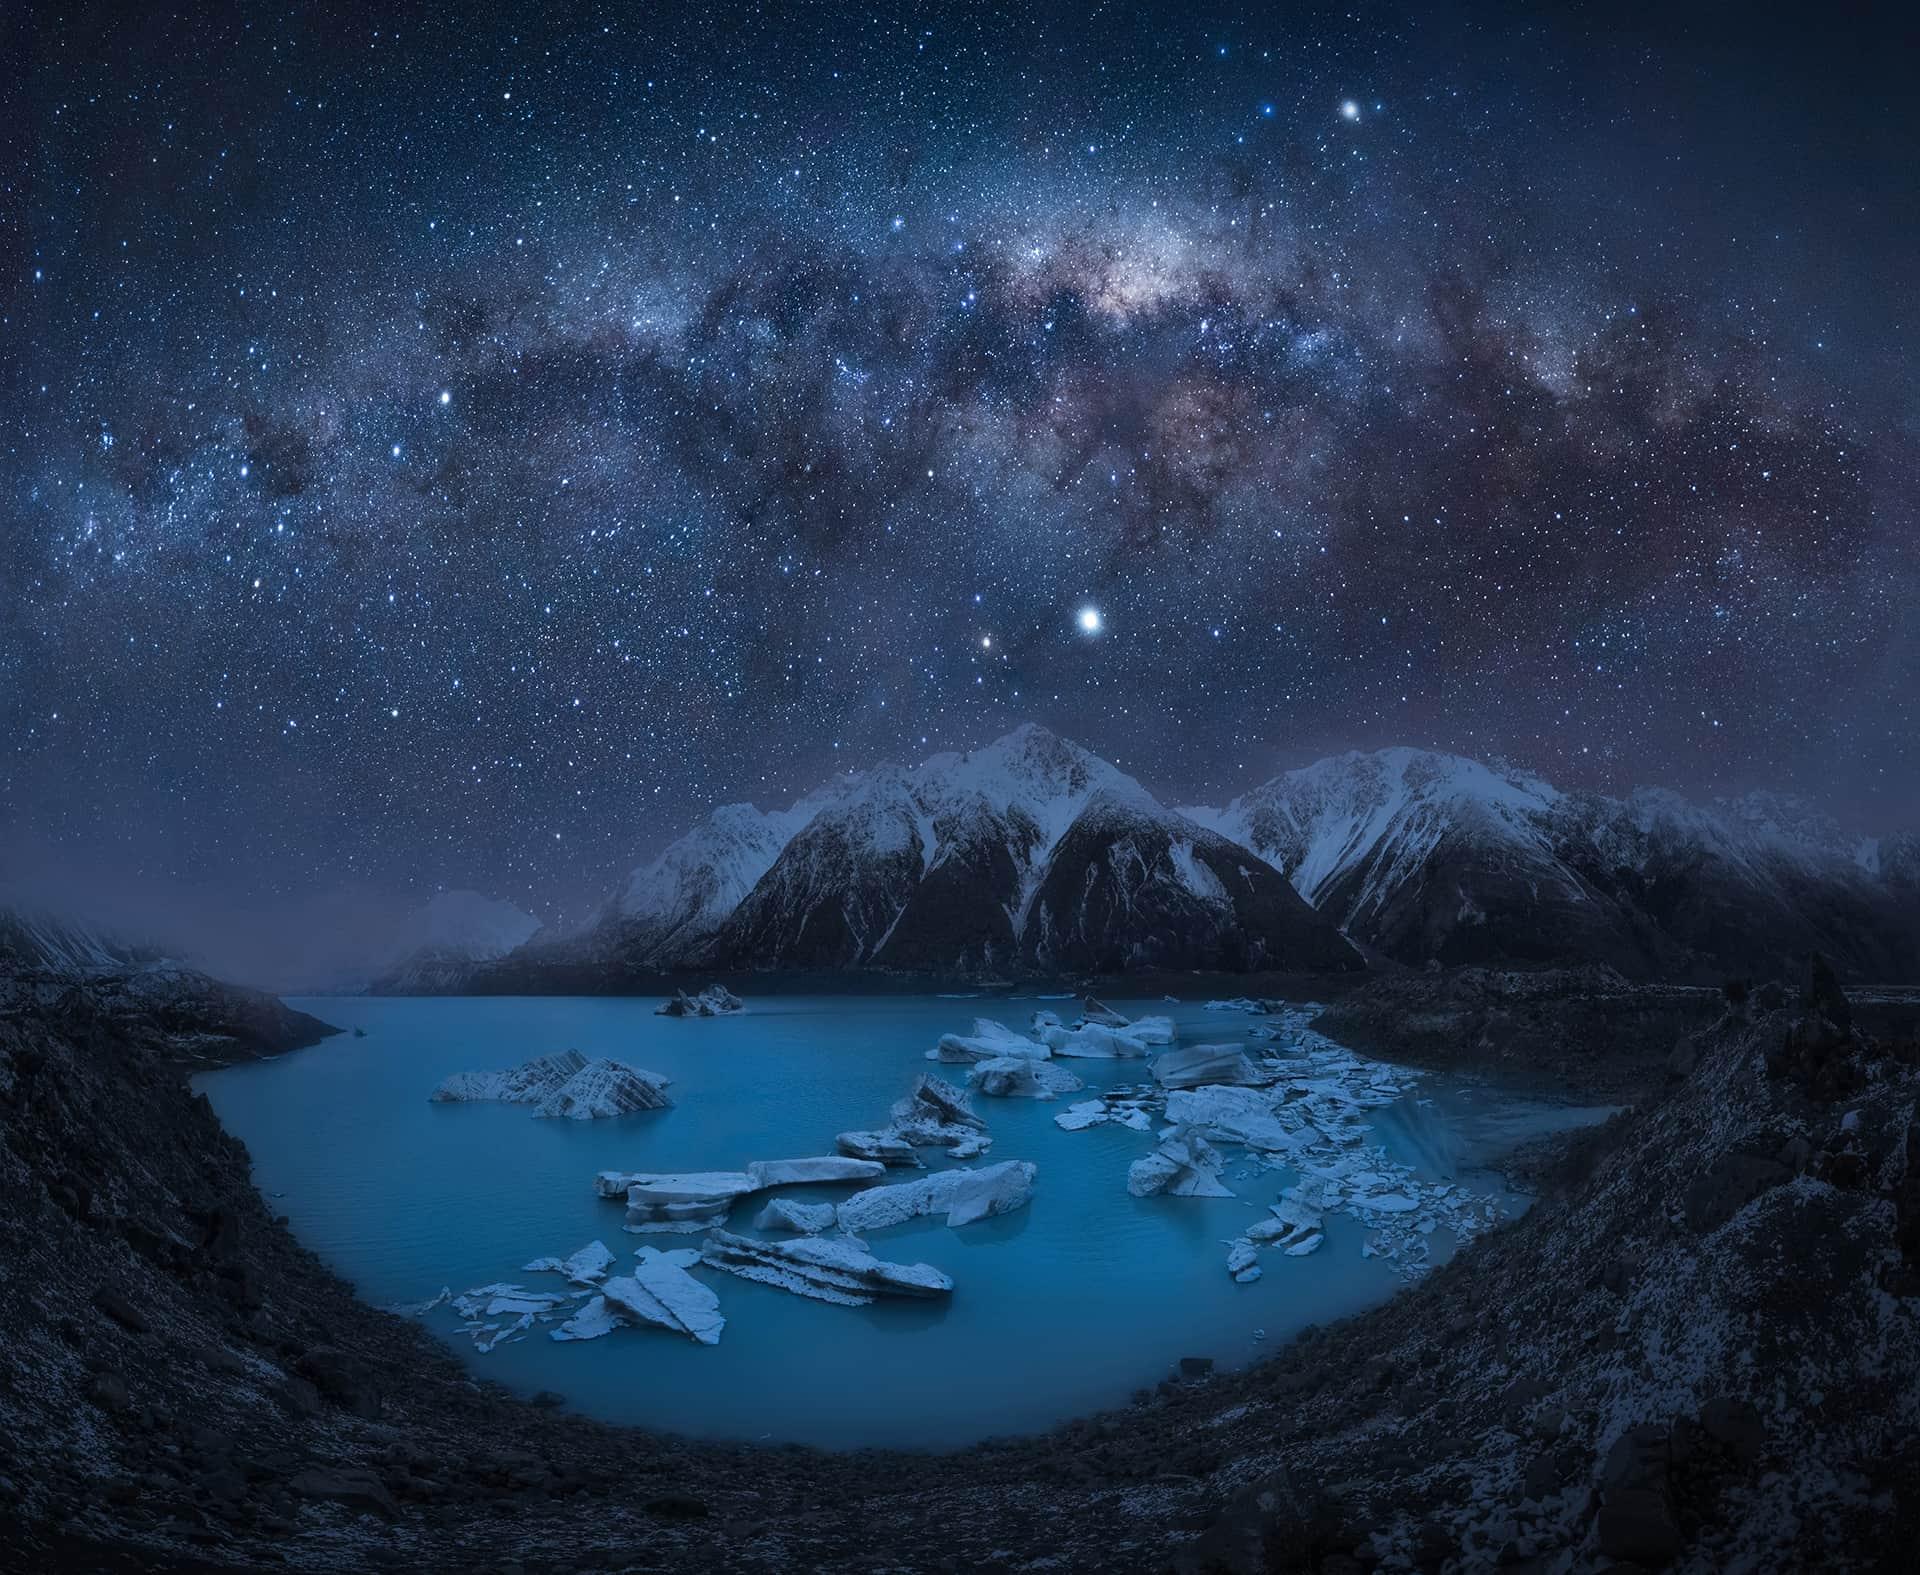 mejores imagenes de la via lactea en nueva zelanda